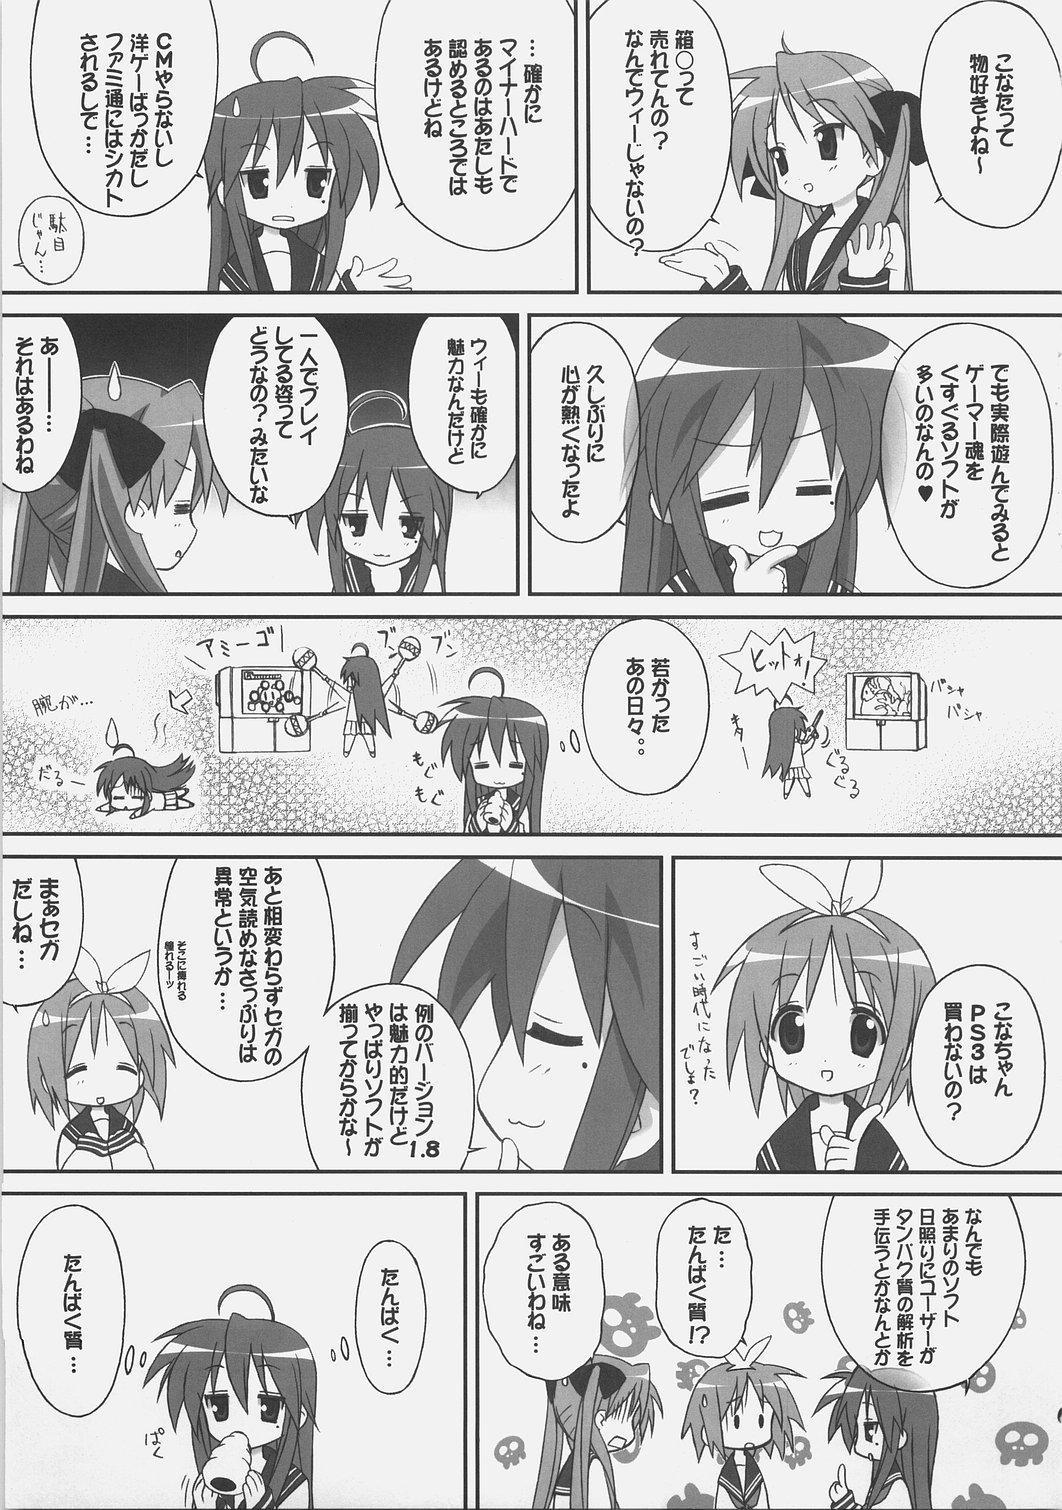 Wai☆Star 7